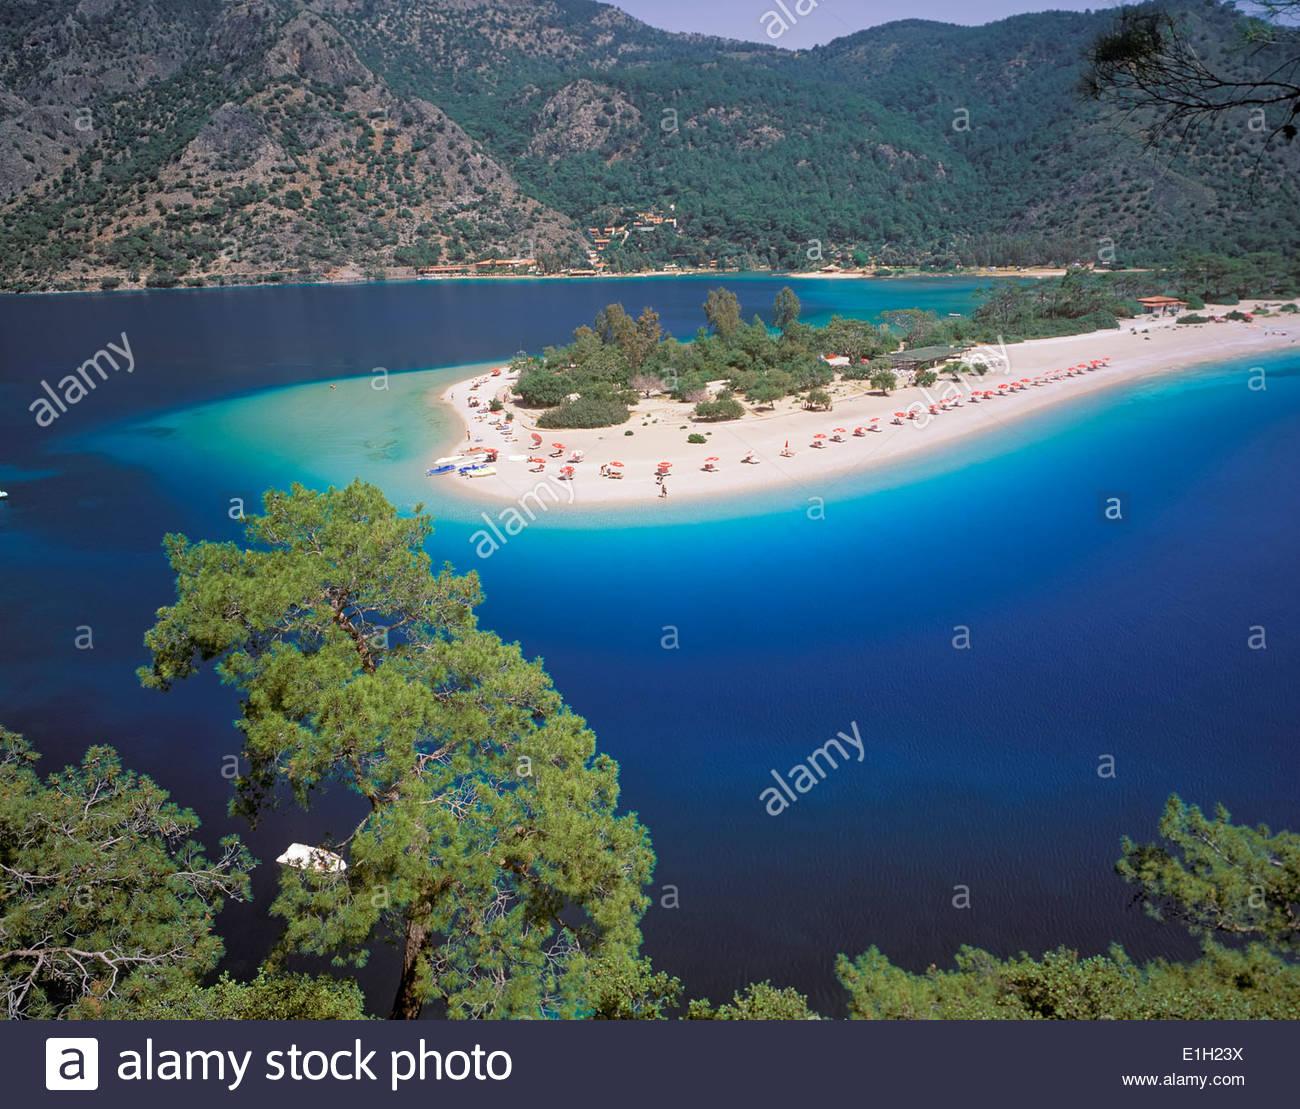 Vista de la Laguna Azul, Oludeniz, Anatolia, Turquía Imagen De Stock